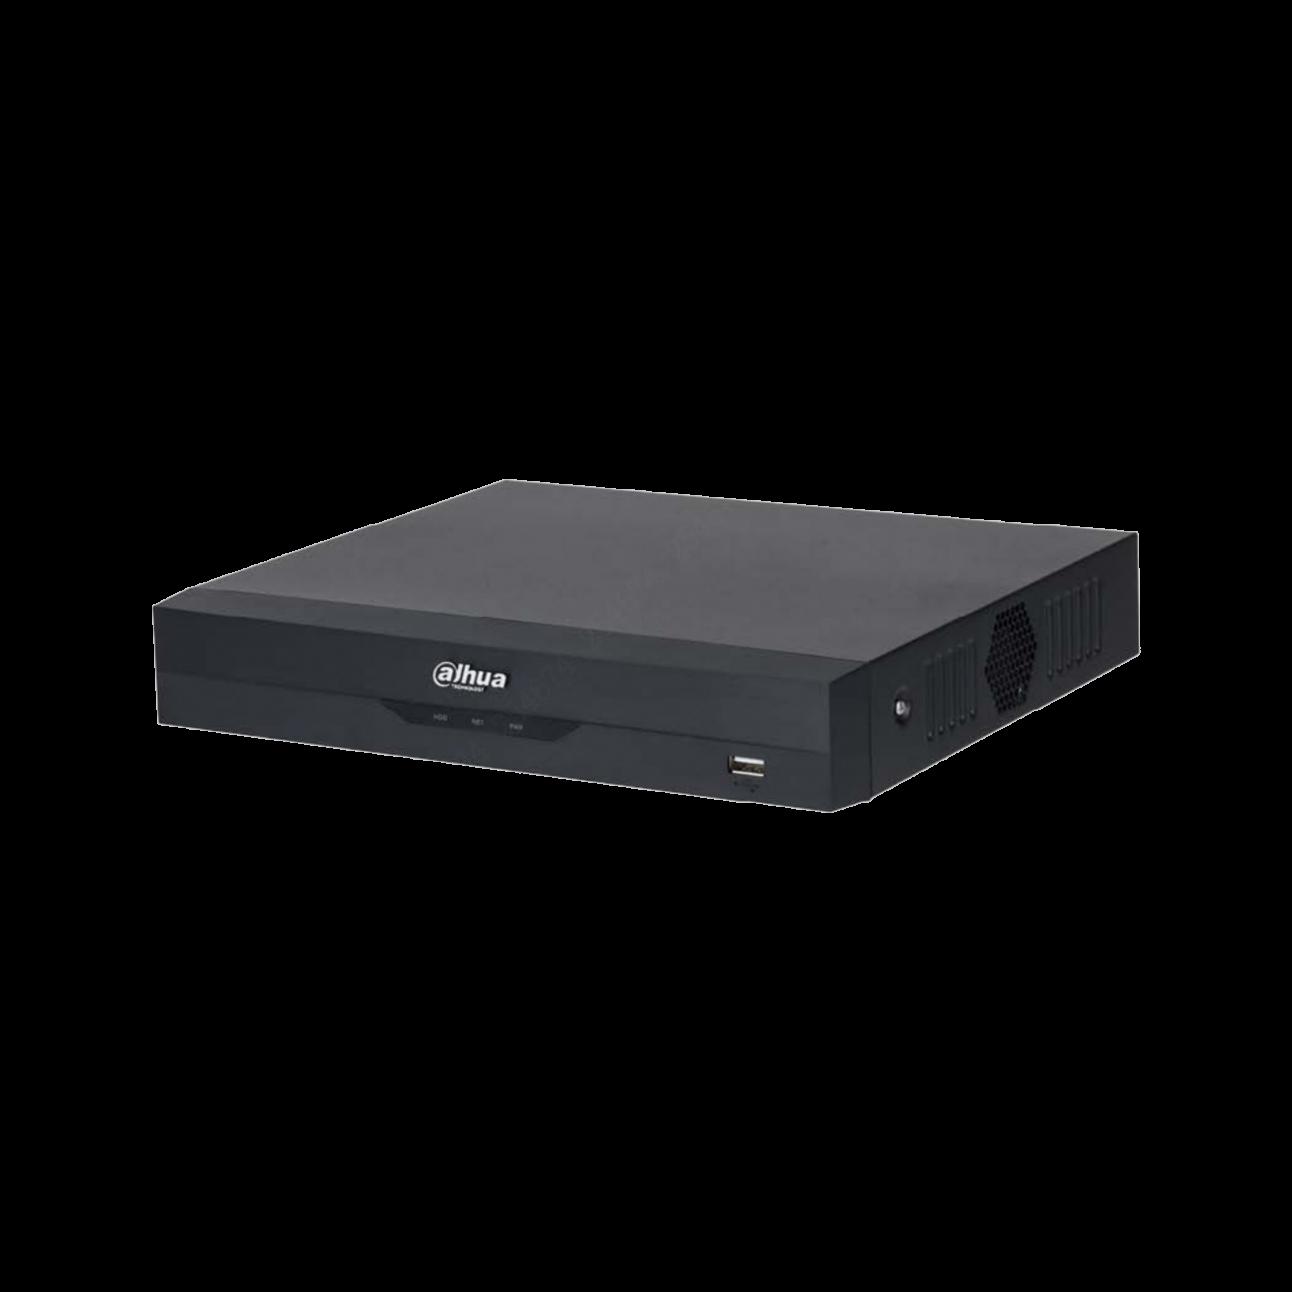 Гибридный видеорегистратор 4-канальный Dahua DH-XVR5104HS-4KL-I3, IP до 8 каналов